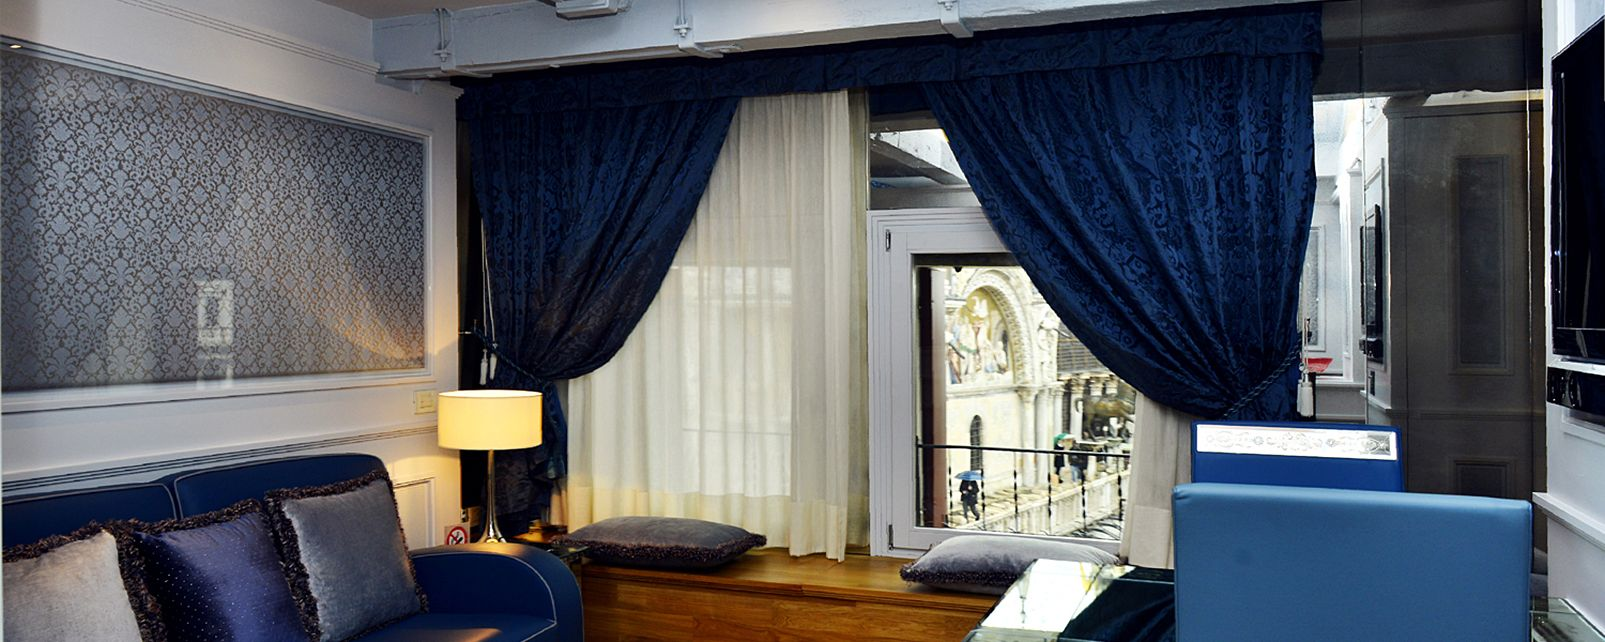 Hôtel Canaletto Suites